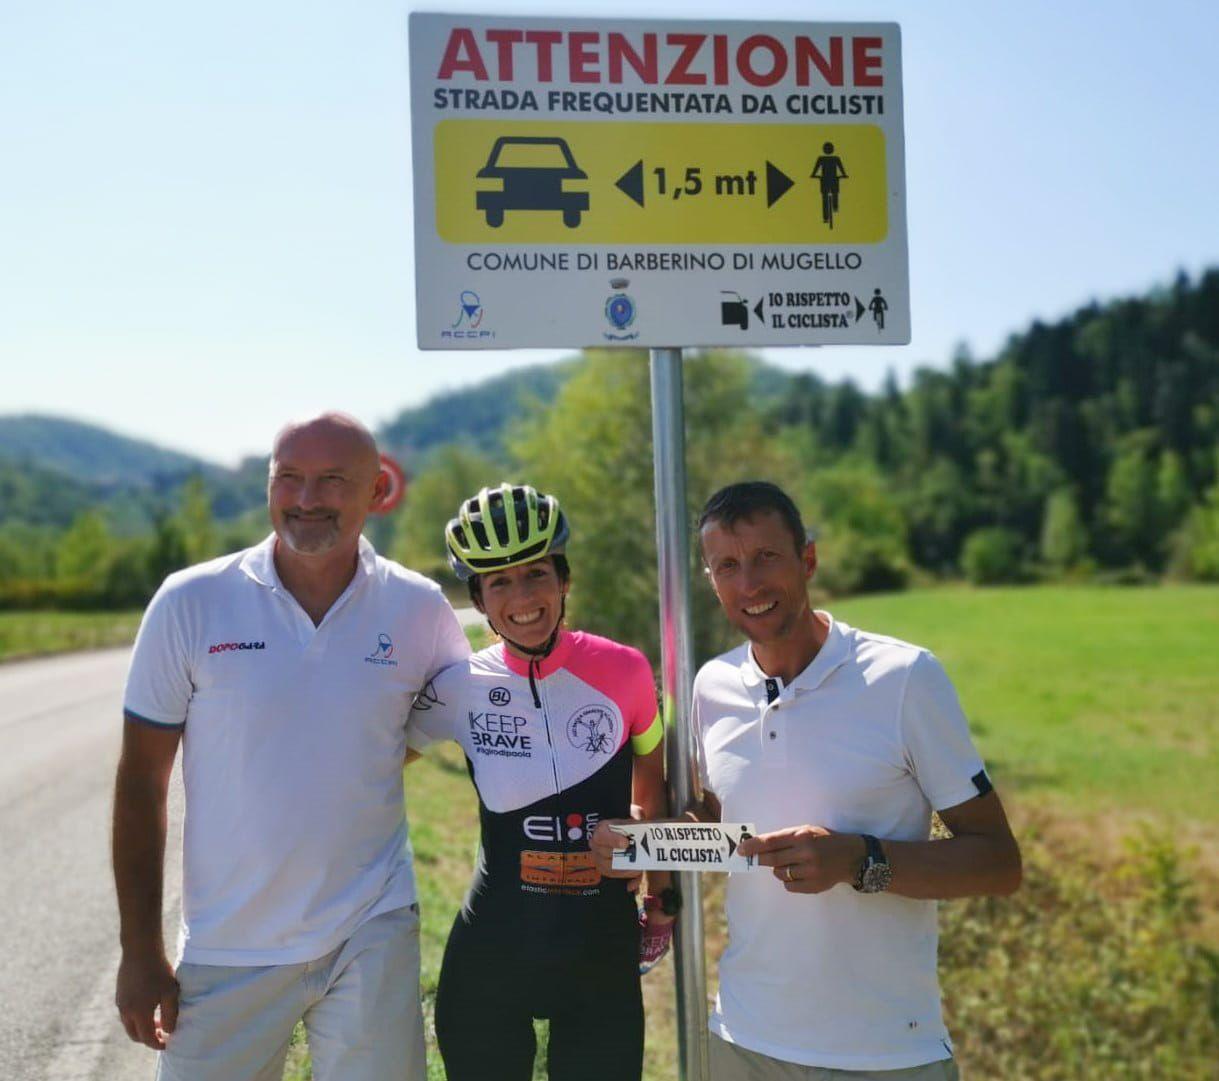 IVREA - Parte il Giro d'Italia, riparte Paola Gianotti per la sicurezza dei ciclisti sulle strade